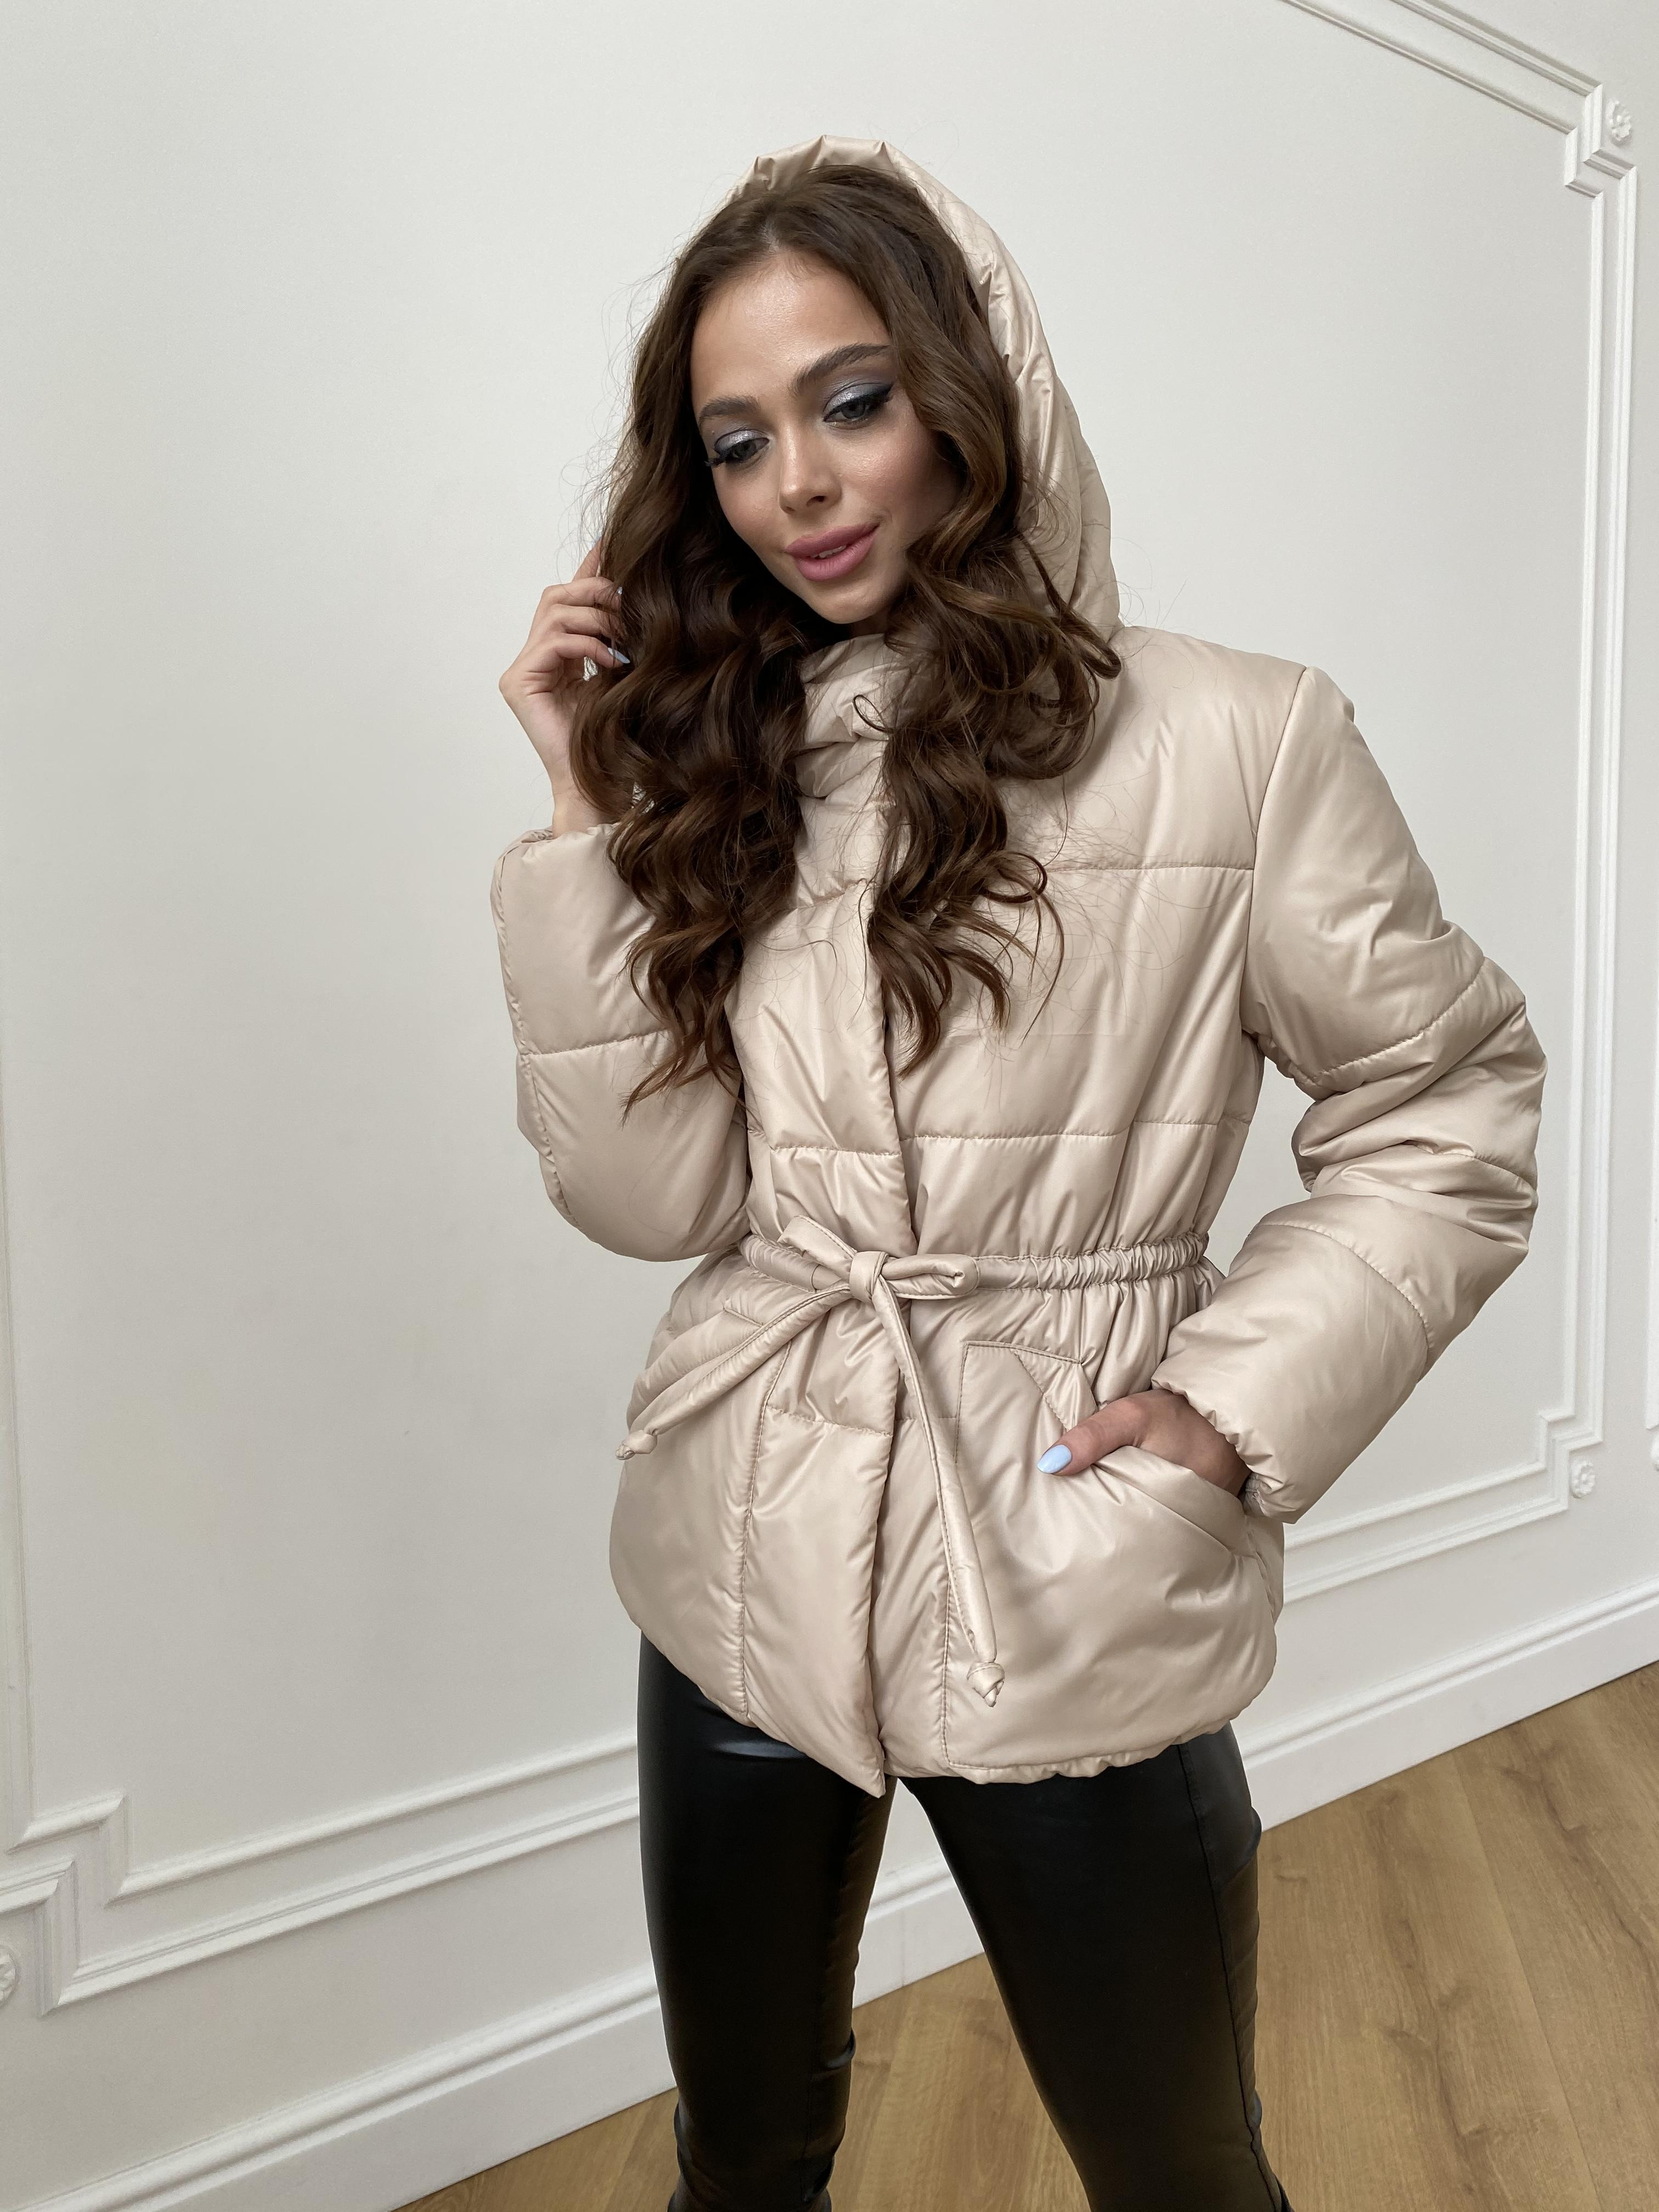 Пино куртка из плащевой ткани 10489 АРТ. 47391 Цвет: Бежевый - фото 2, интернет магазин tm-modus.ru